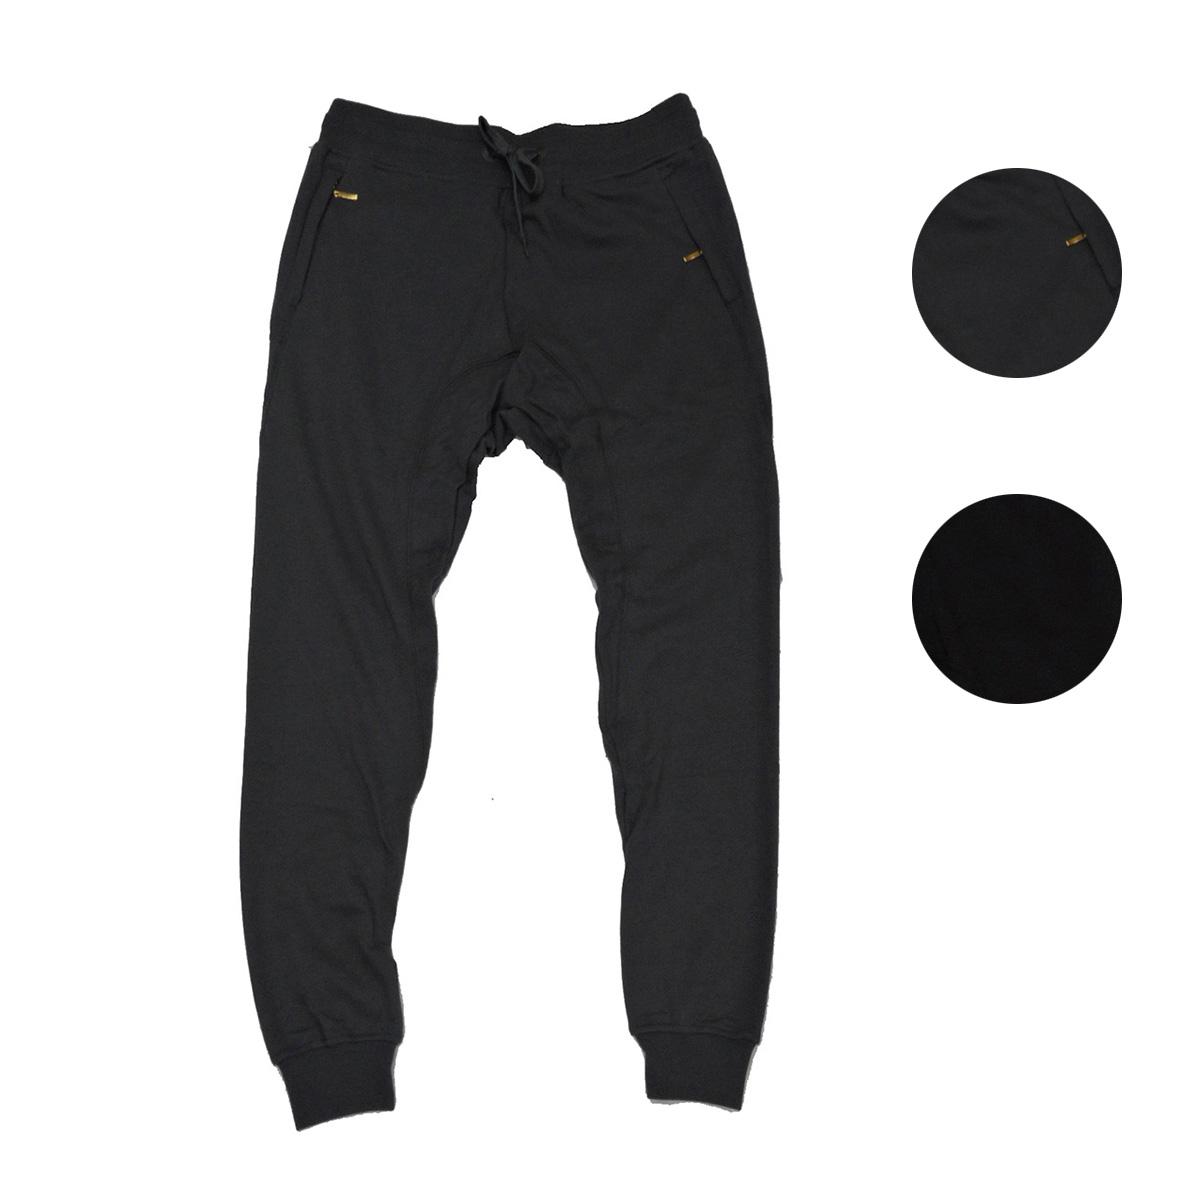 画像1: 【50%OFF】BACK HEAD バックヘッド SWEAT JOGGER PANTS 全2色 メンズ (1)